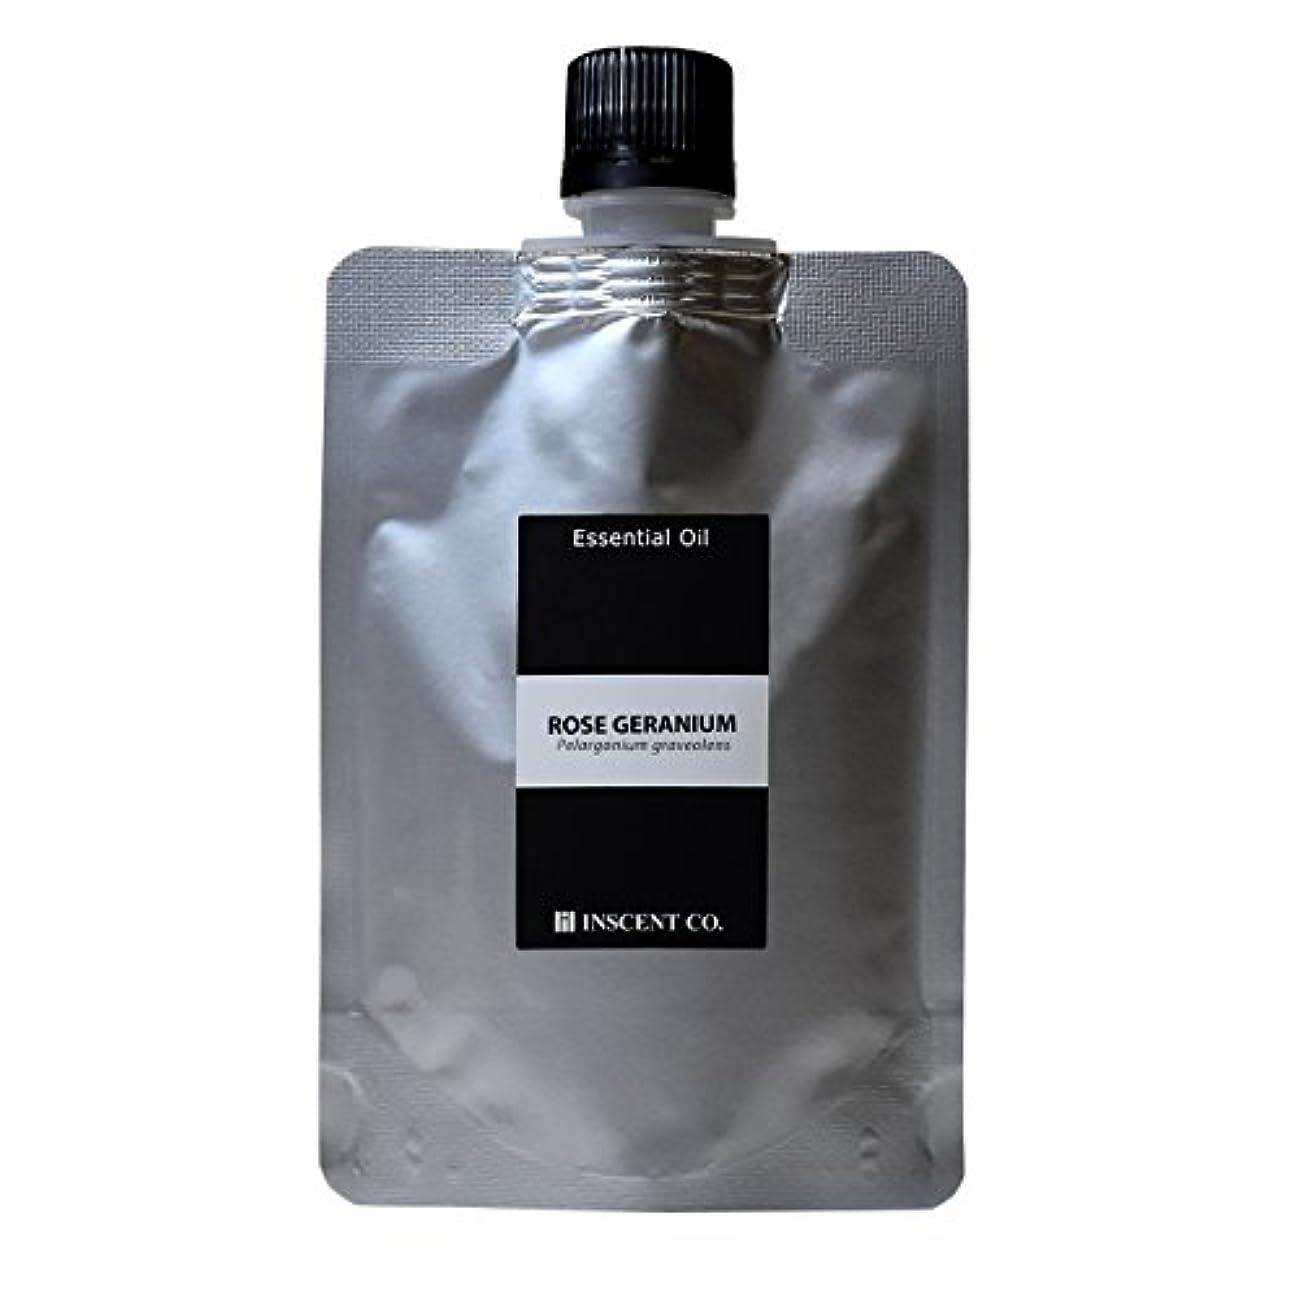 思い出チャレンジりんご(詰替用 アルミパック) ローズゼラニウム 100ml インセント アロマオイル AEAJ 表示基準適合認定精油